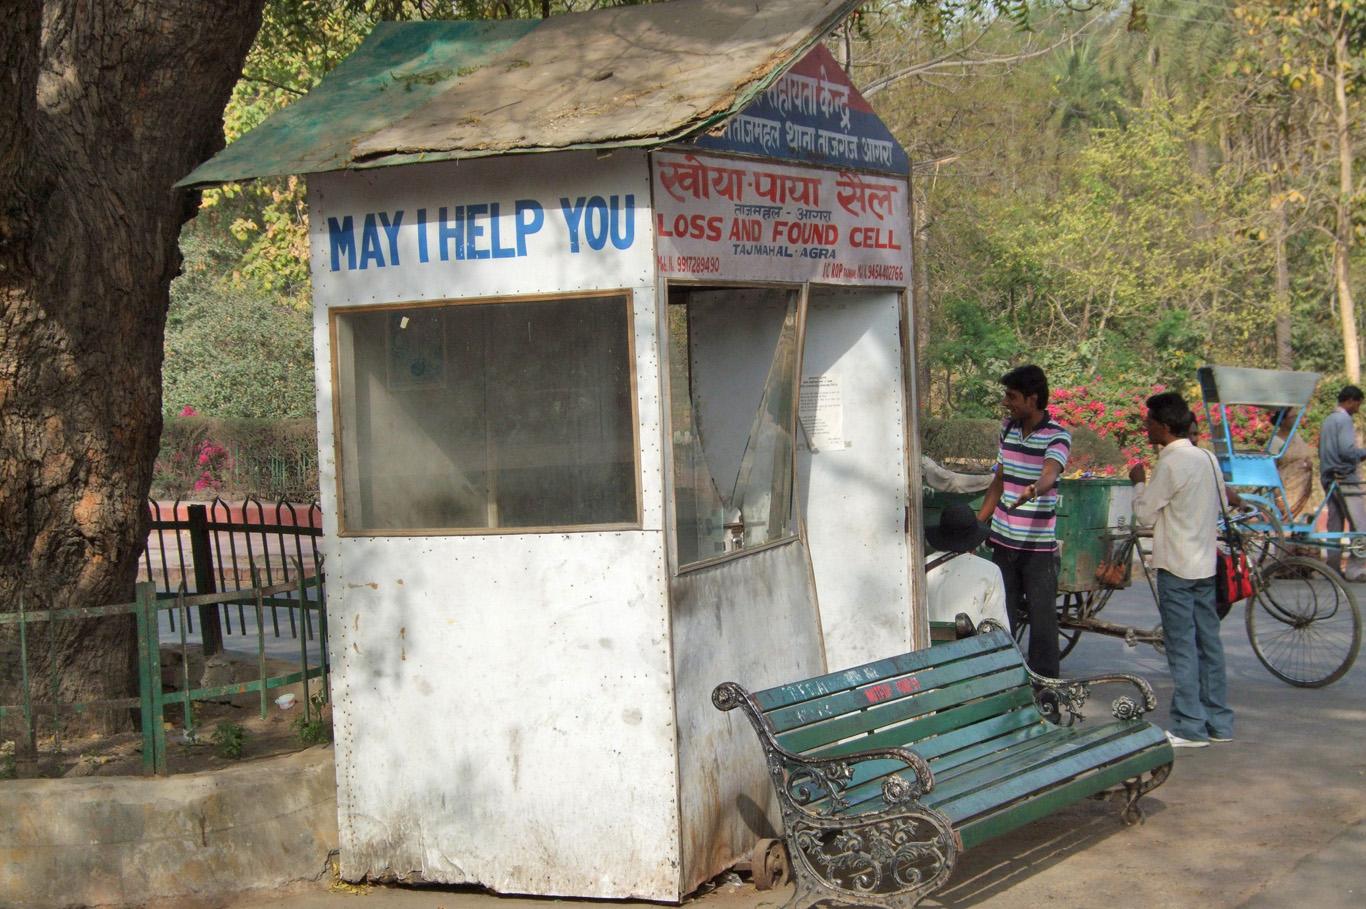 May I help you? At the entrance to Taj Mahal